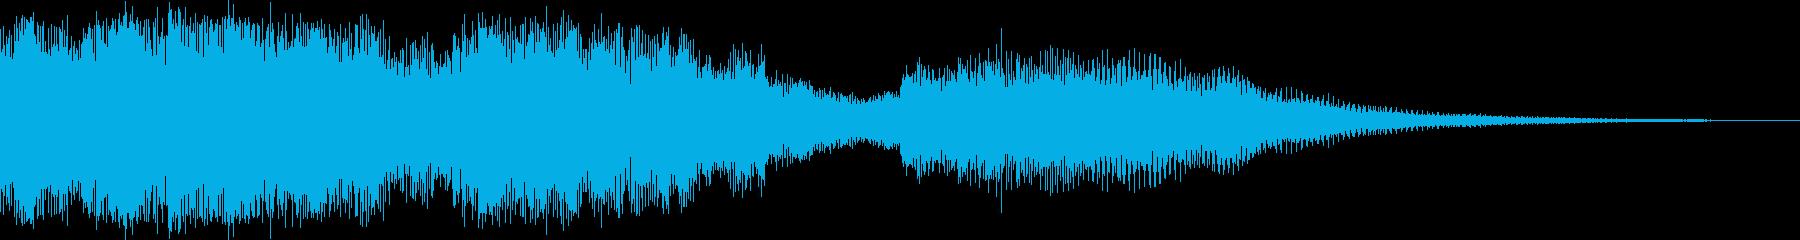 サウンドロゴ マレット系の再生済みの波形